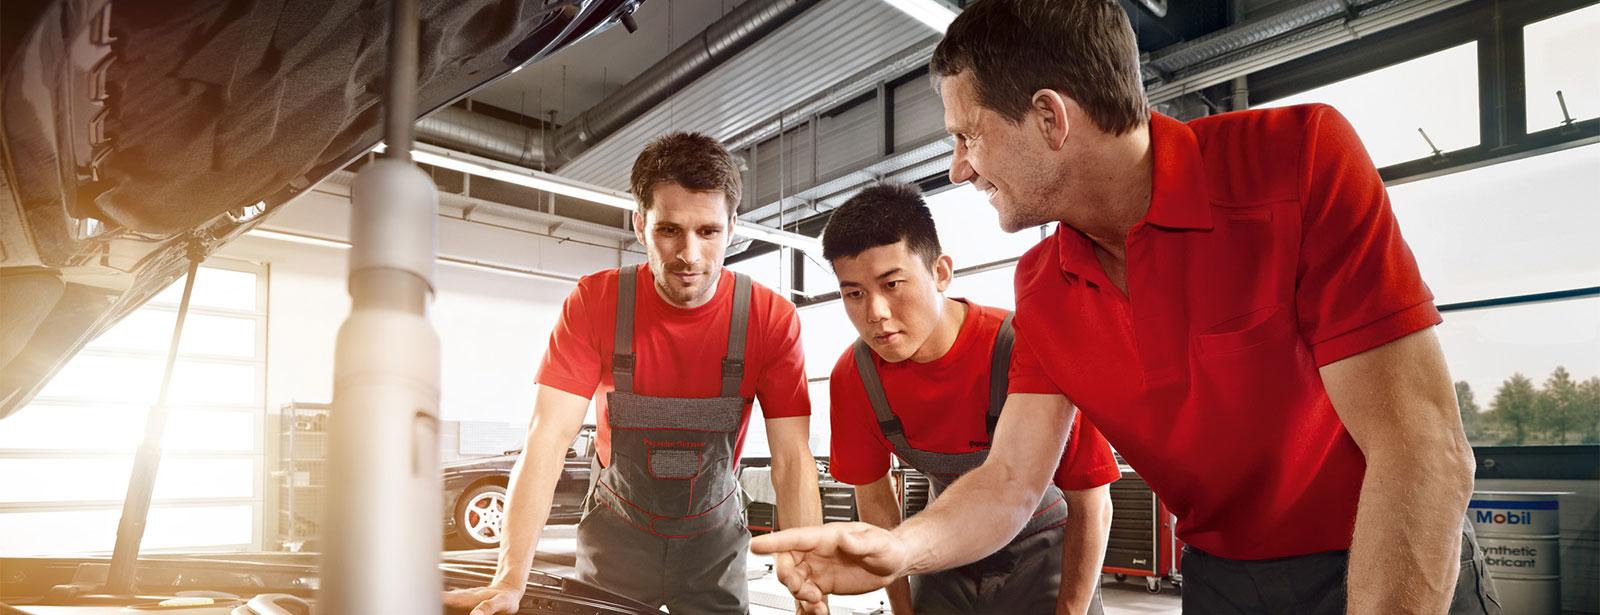 Jobs und Karriere | Kfz-Mechatroniker (m/w)